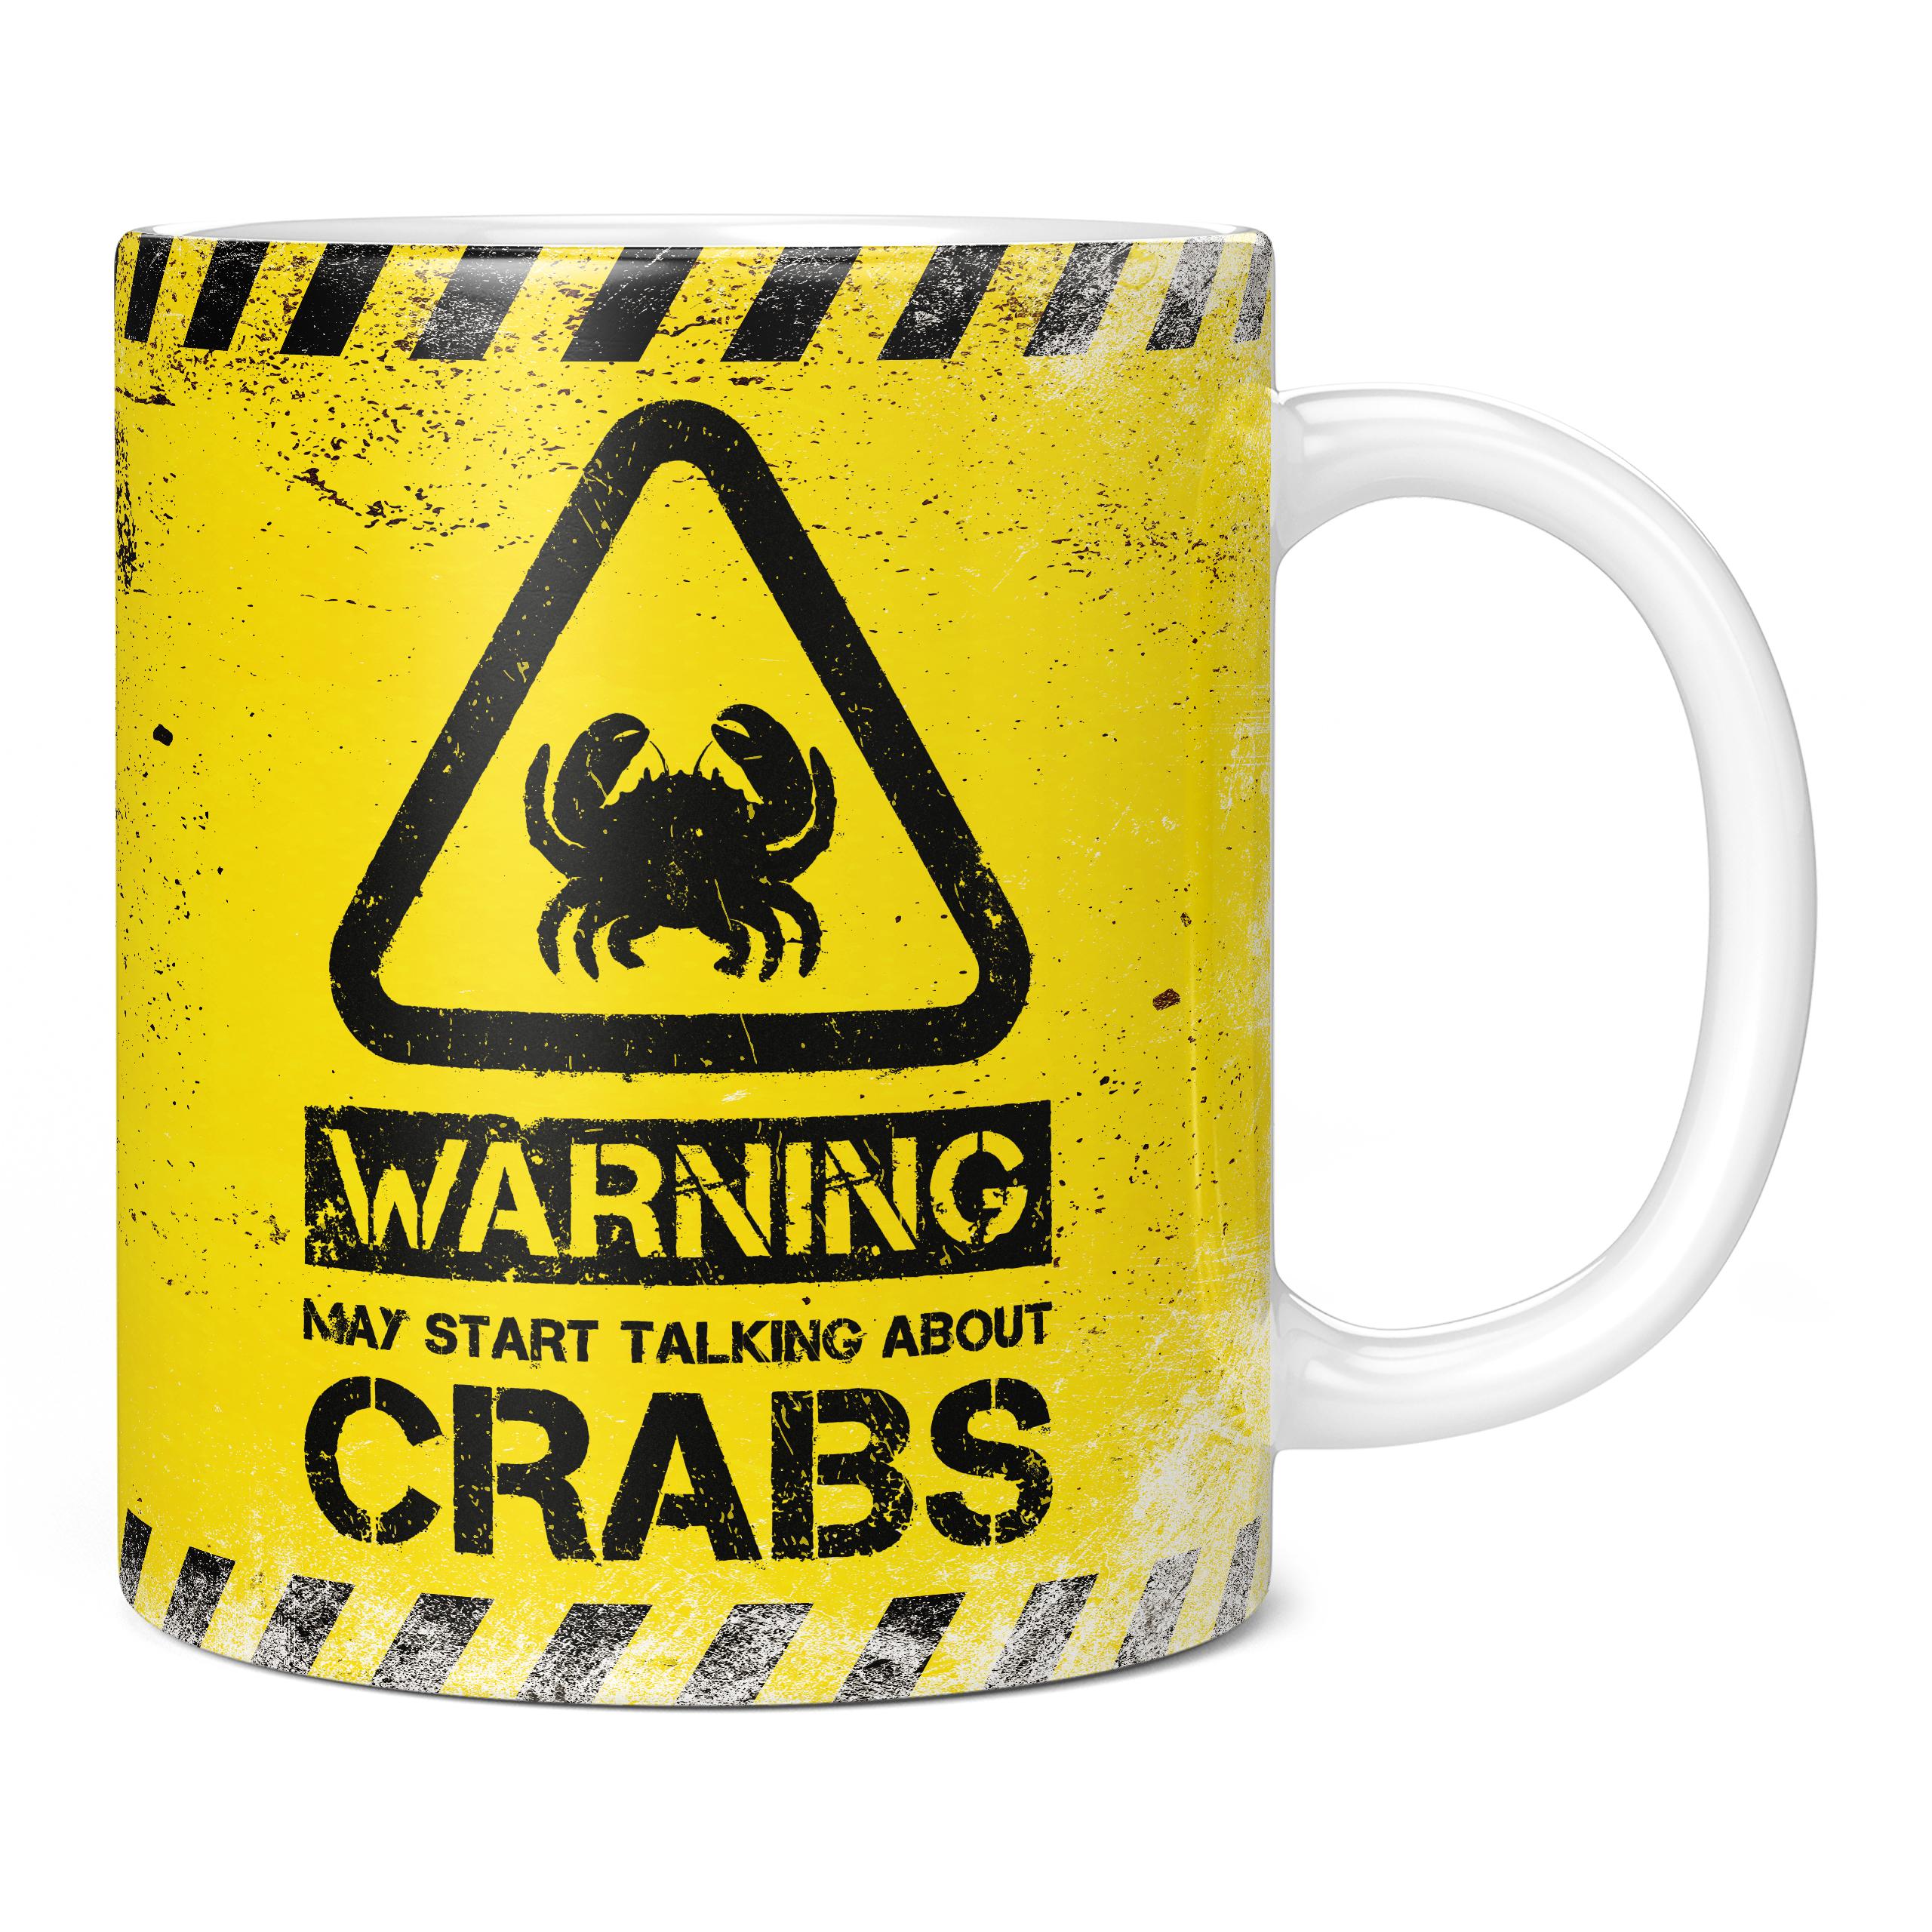 WARNING MAY START TALKING ABOUT CRABS 11OZ NOVELTY MUG